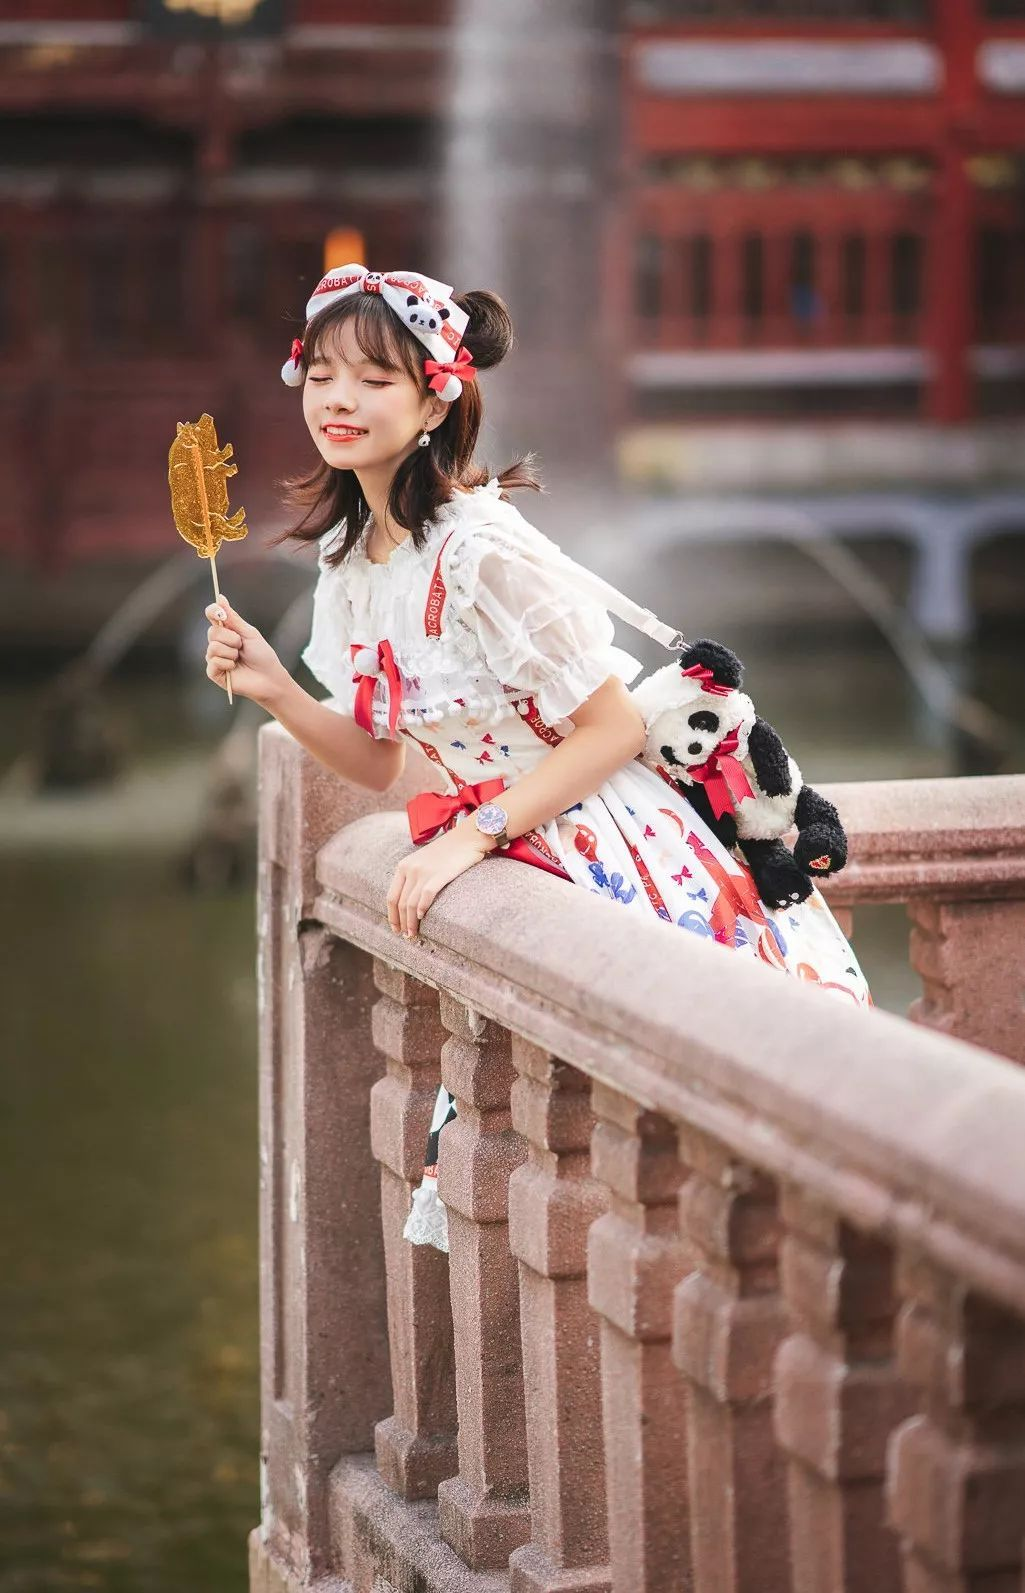 妹子摄影 – 鬼马精灵Lolita女孩@-谢安然-外出旅拍_图片 No.6